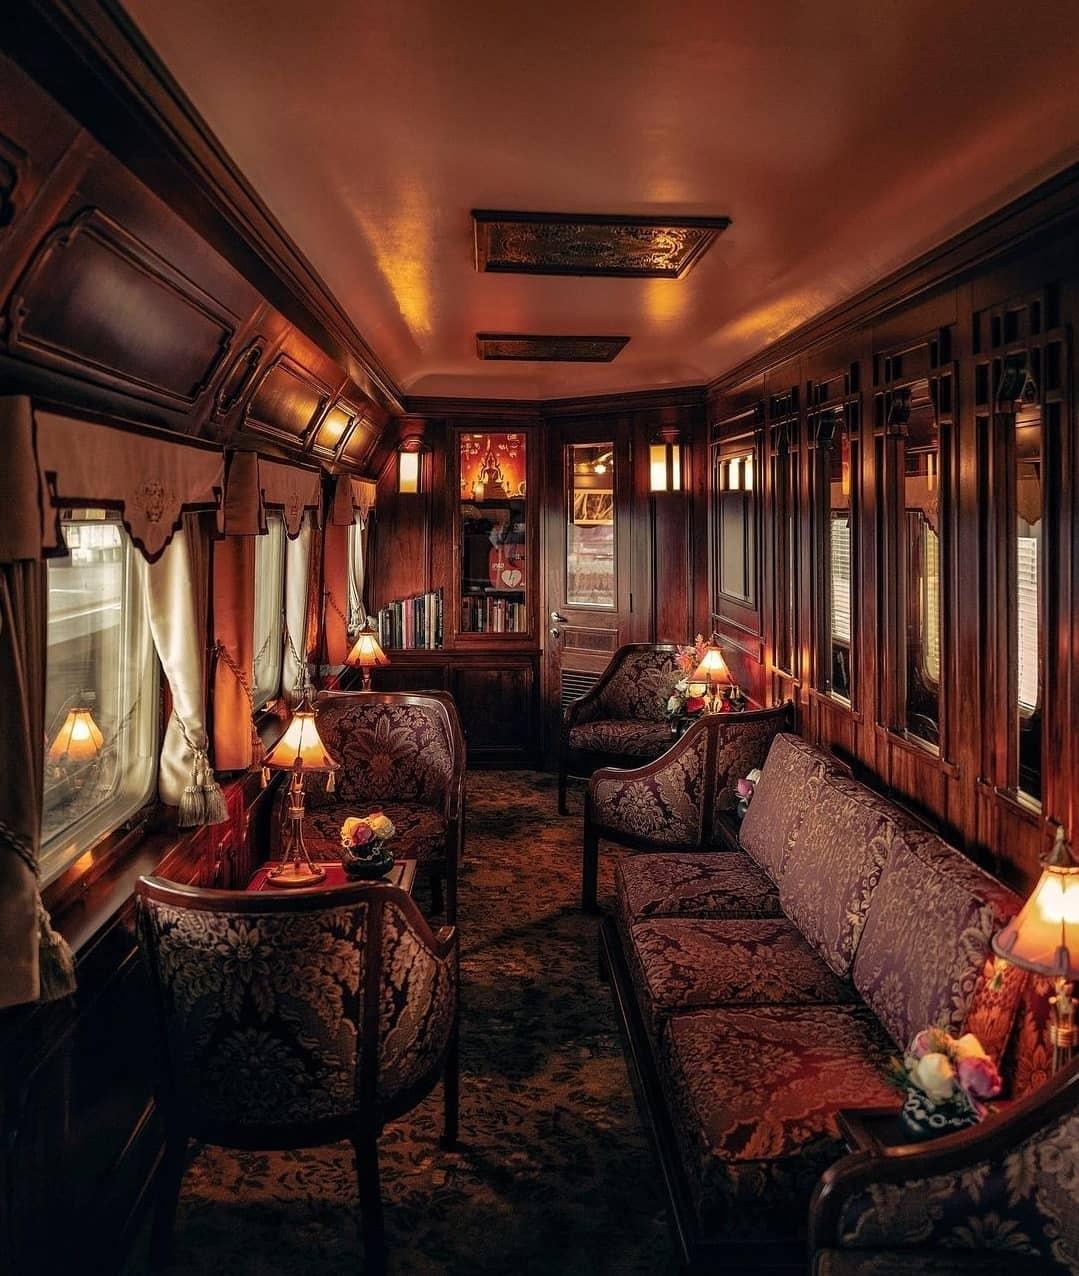 oriente express viajes en tren